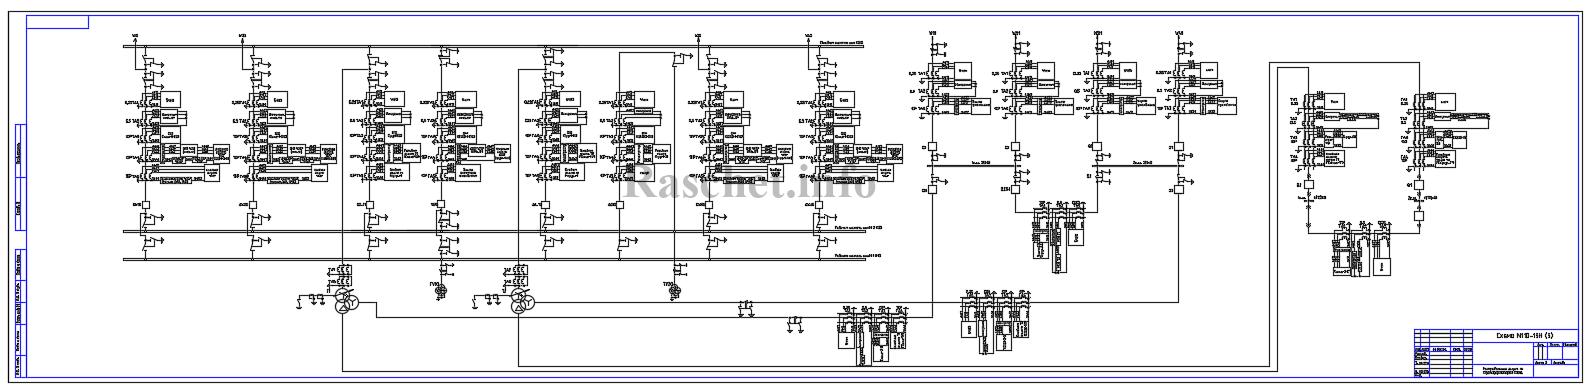 Распределение защит по ТТ для схемы №110-13H с трехобмоточным трансформатором